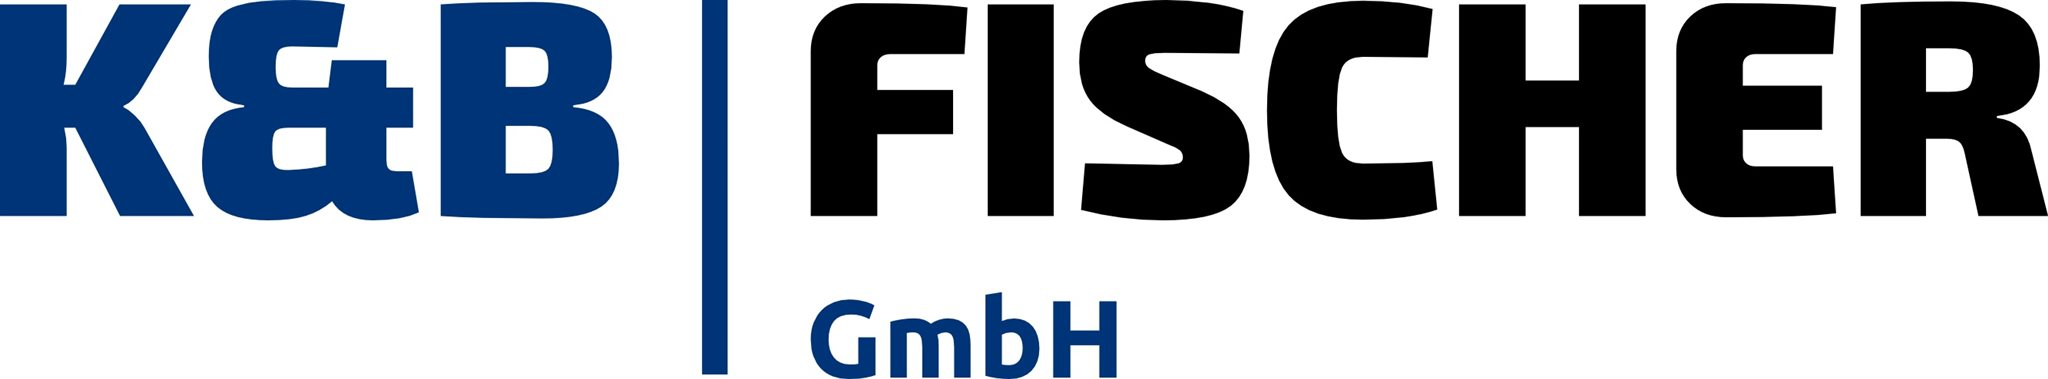 K+B Fischer GmbH Logo